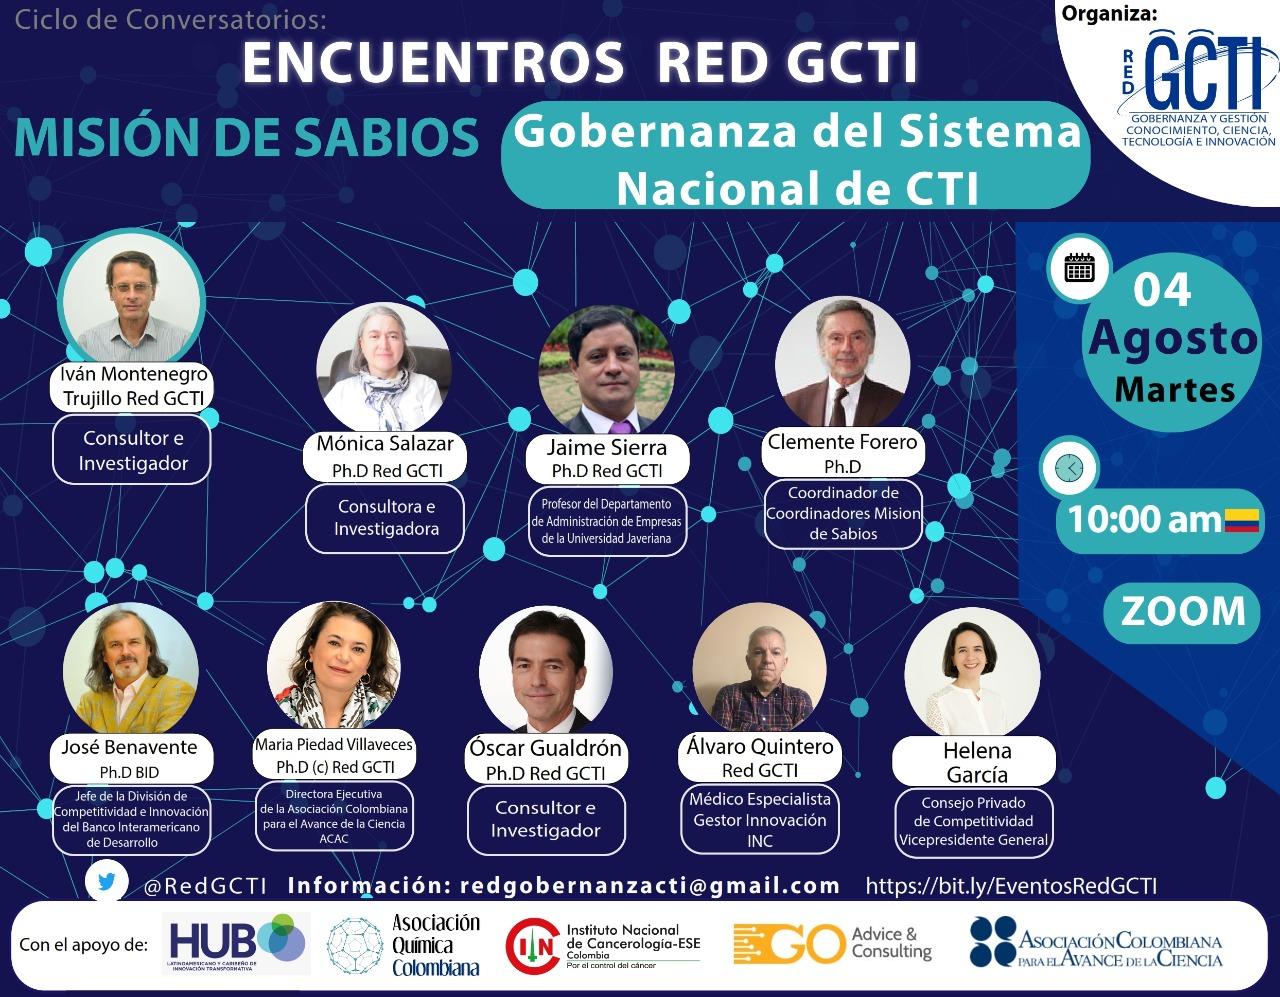 Red GCTI